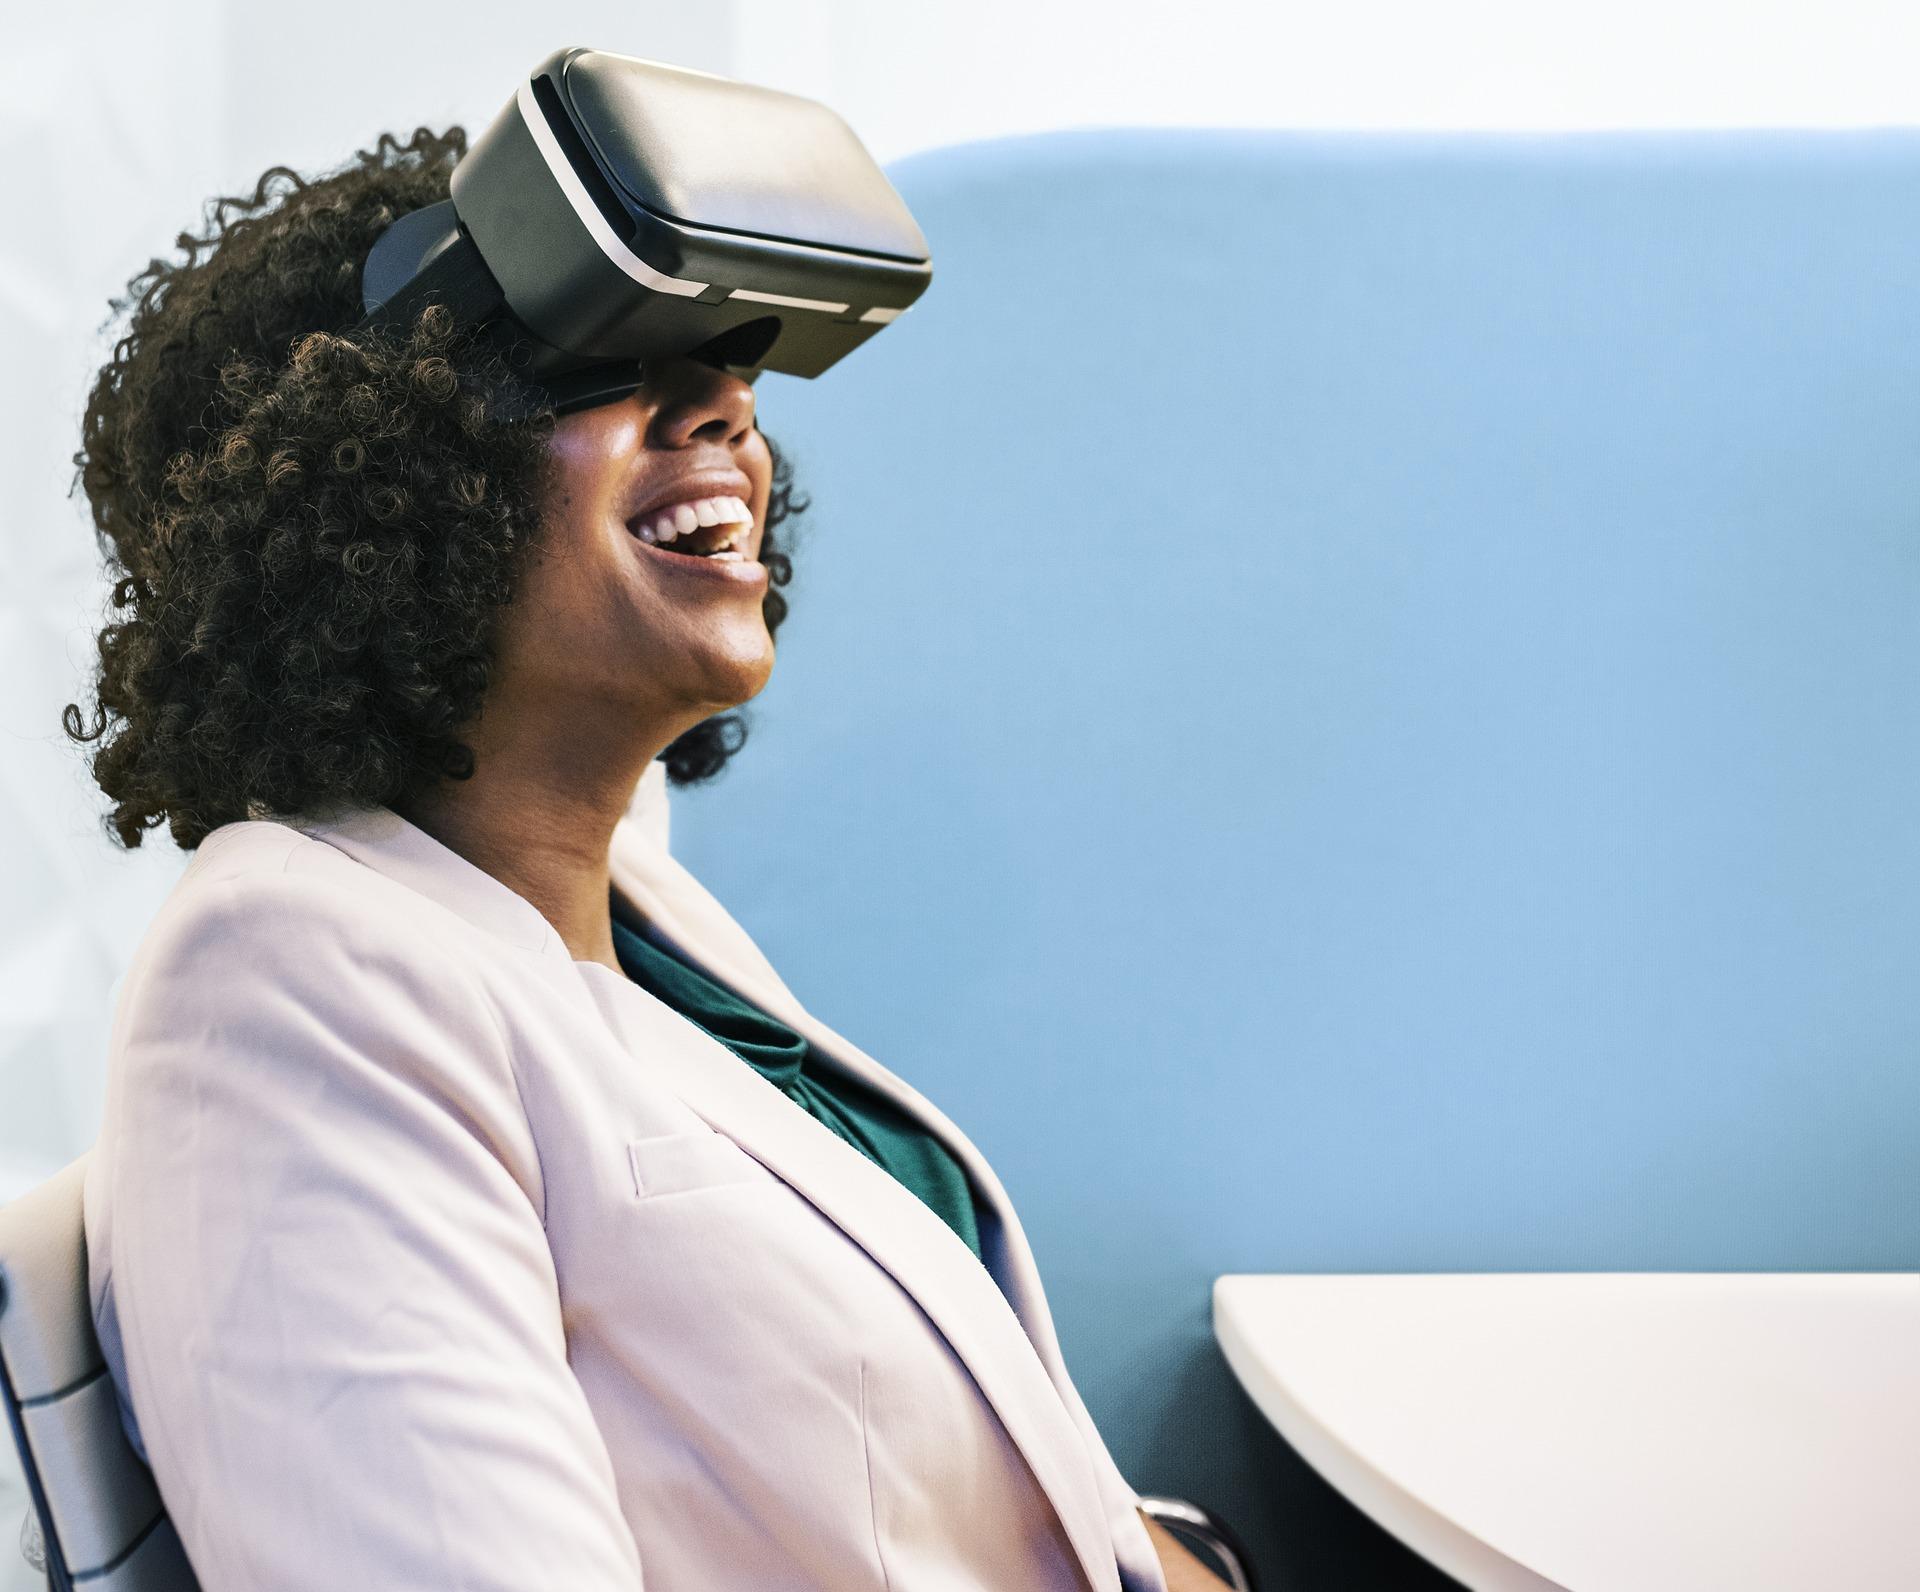 Berlin Ist Ein Technologisches Zentrum Für Virtual Reality (VR) Und  360° Start Up Unternehmen. Genau Deshalb Gründete Martin Heller IntoVR Wohl  Auch In Der ...